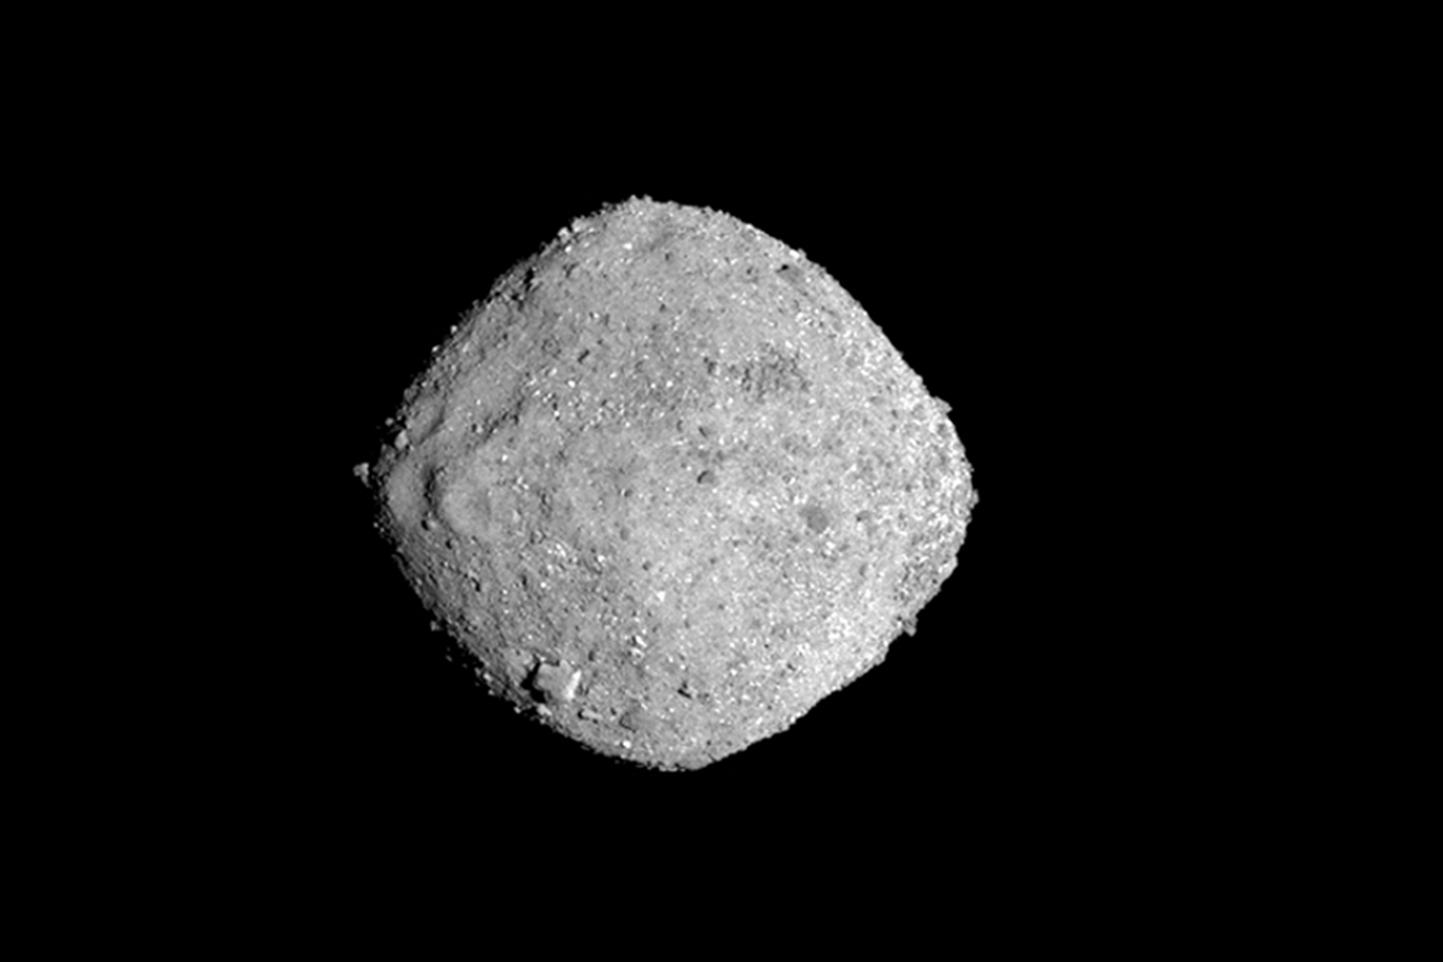 El asteroide Bennu en una foto difundida por NASA (NASA/Goddard/University of Arizona via AP)